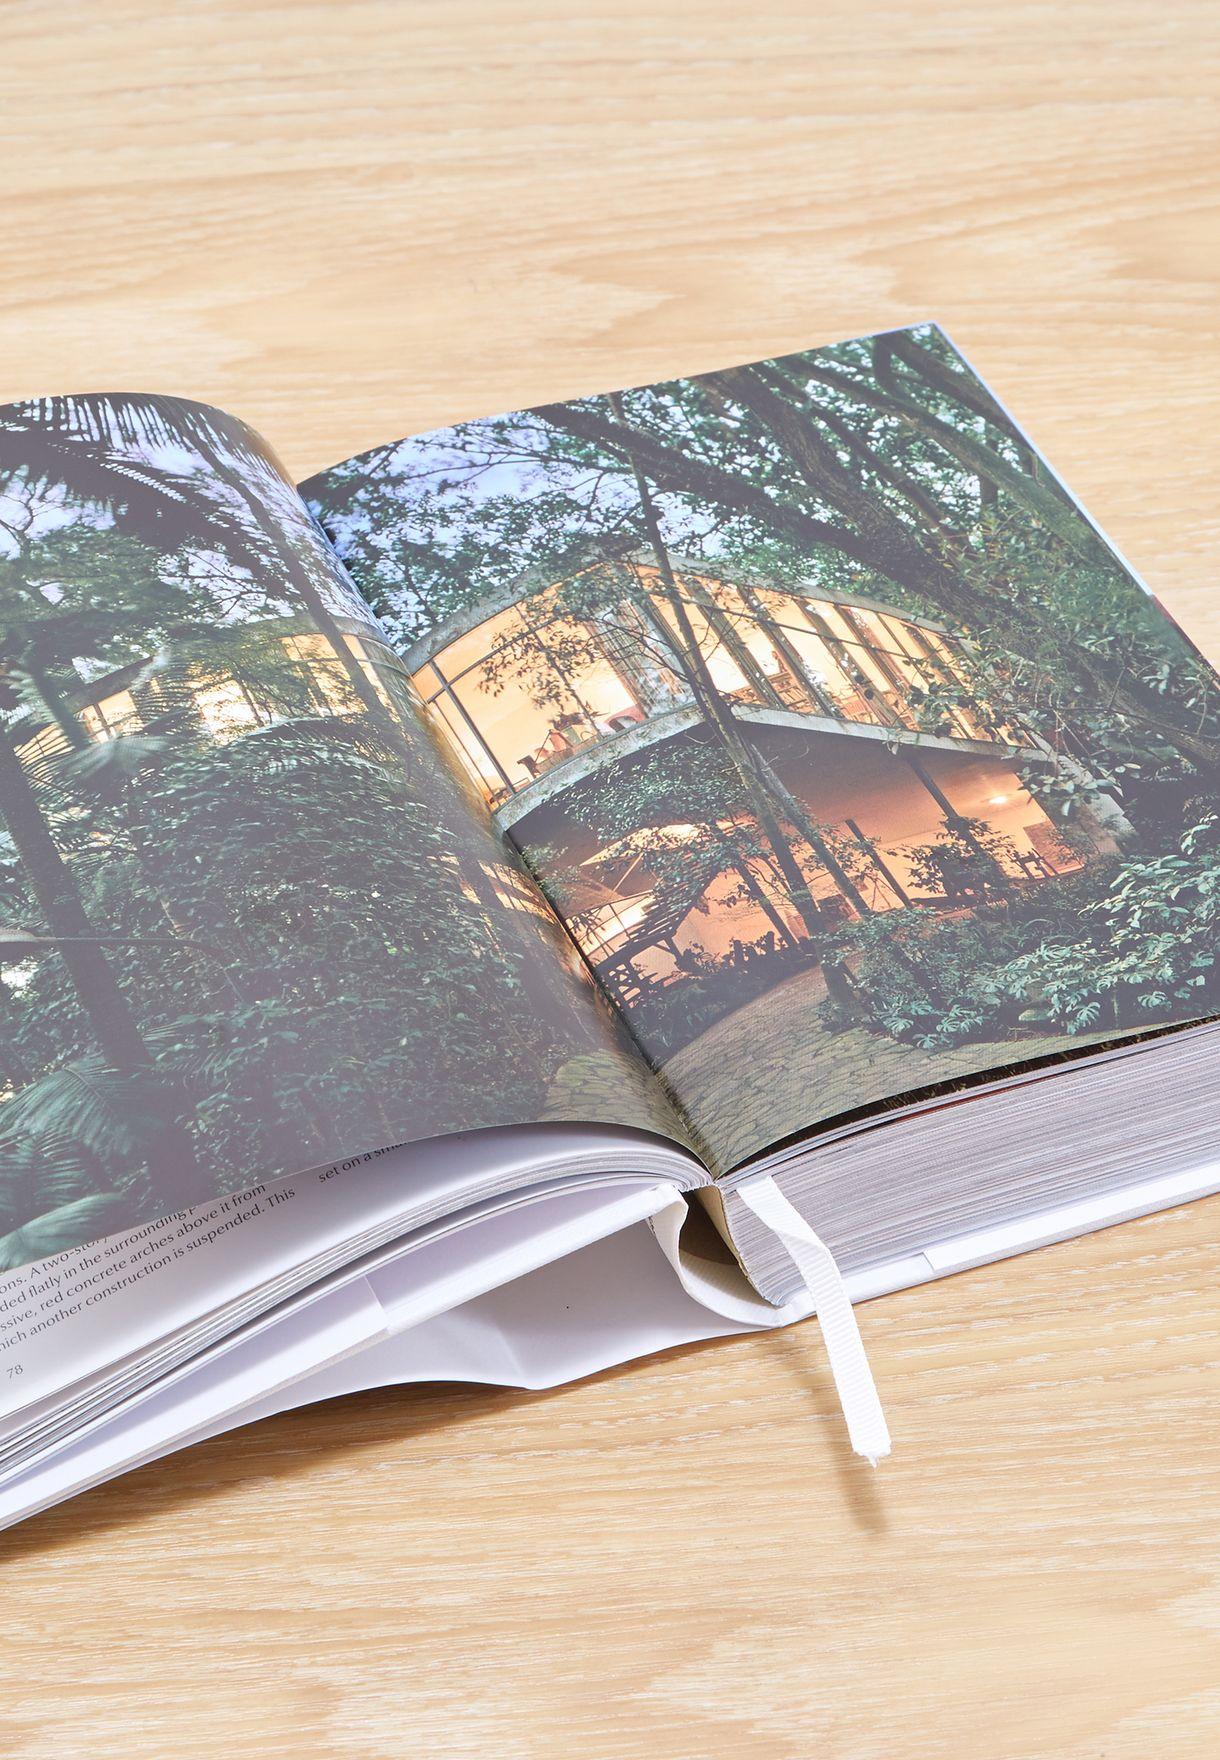 كتاب Modern Architecture